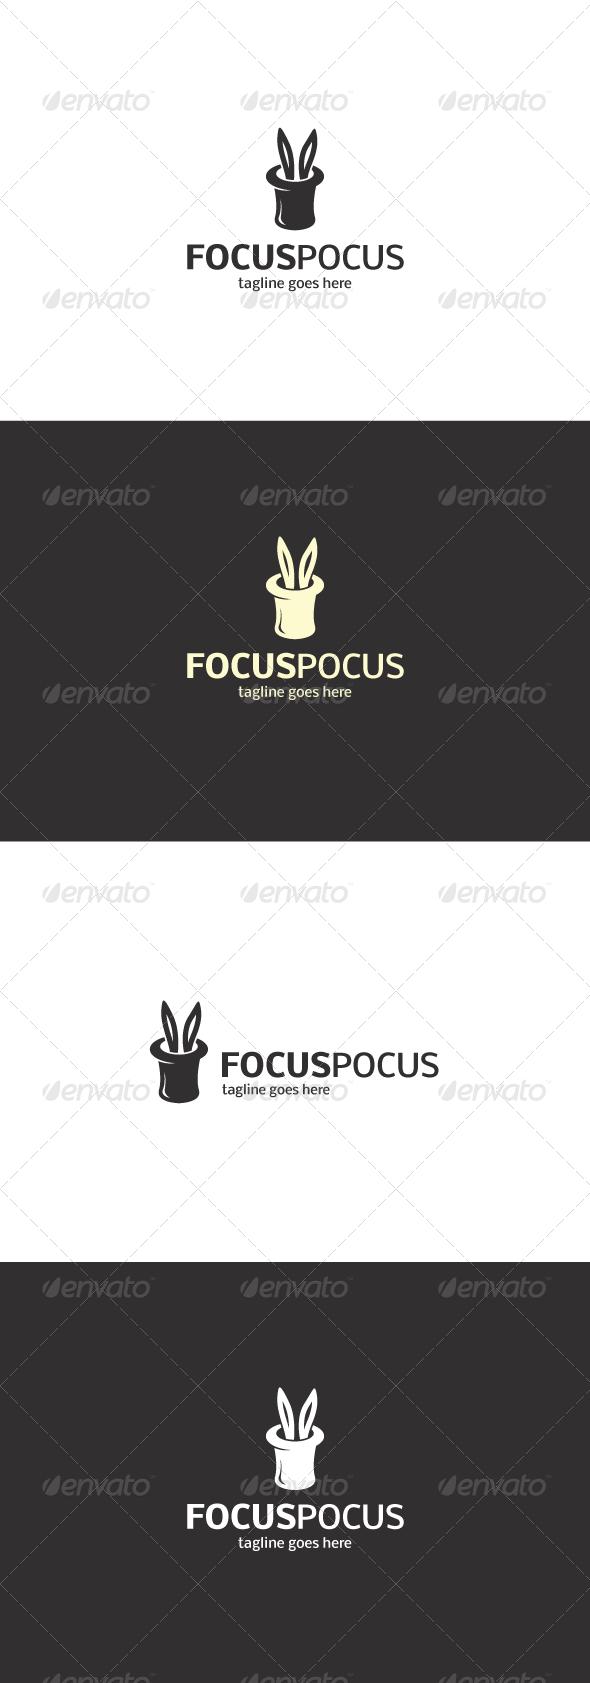 GraphicRiver Focus Pocus Logo 8217766